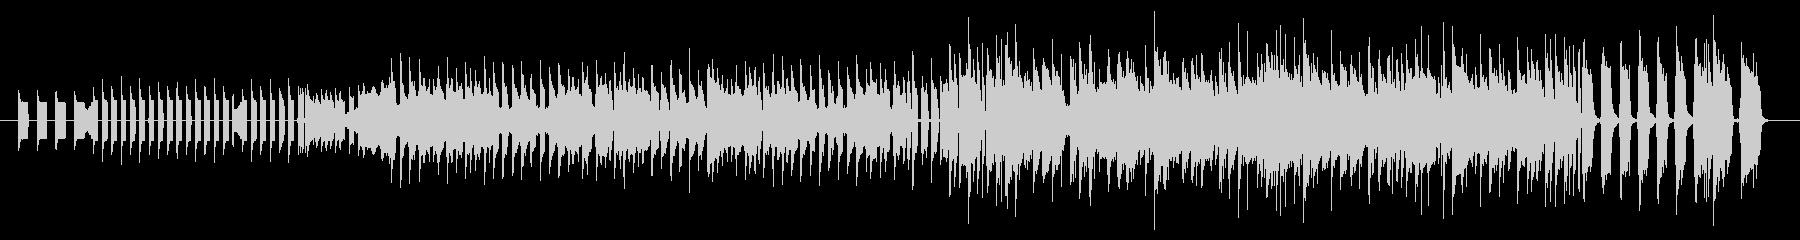 レトロゲーム風のSKA+エレクトロニカの未再生の波形